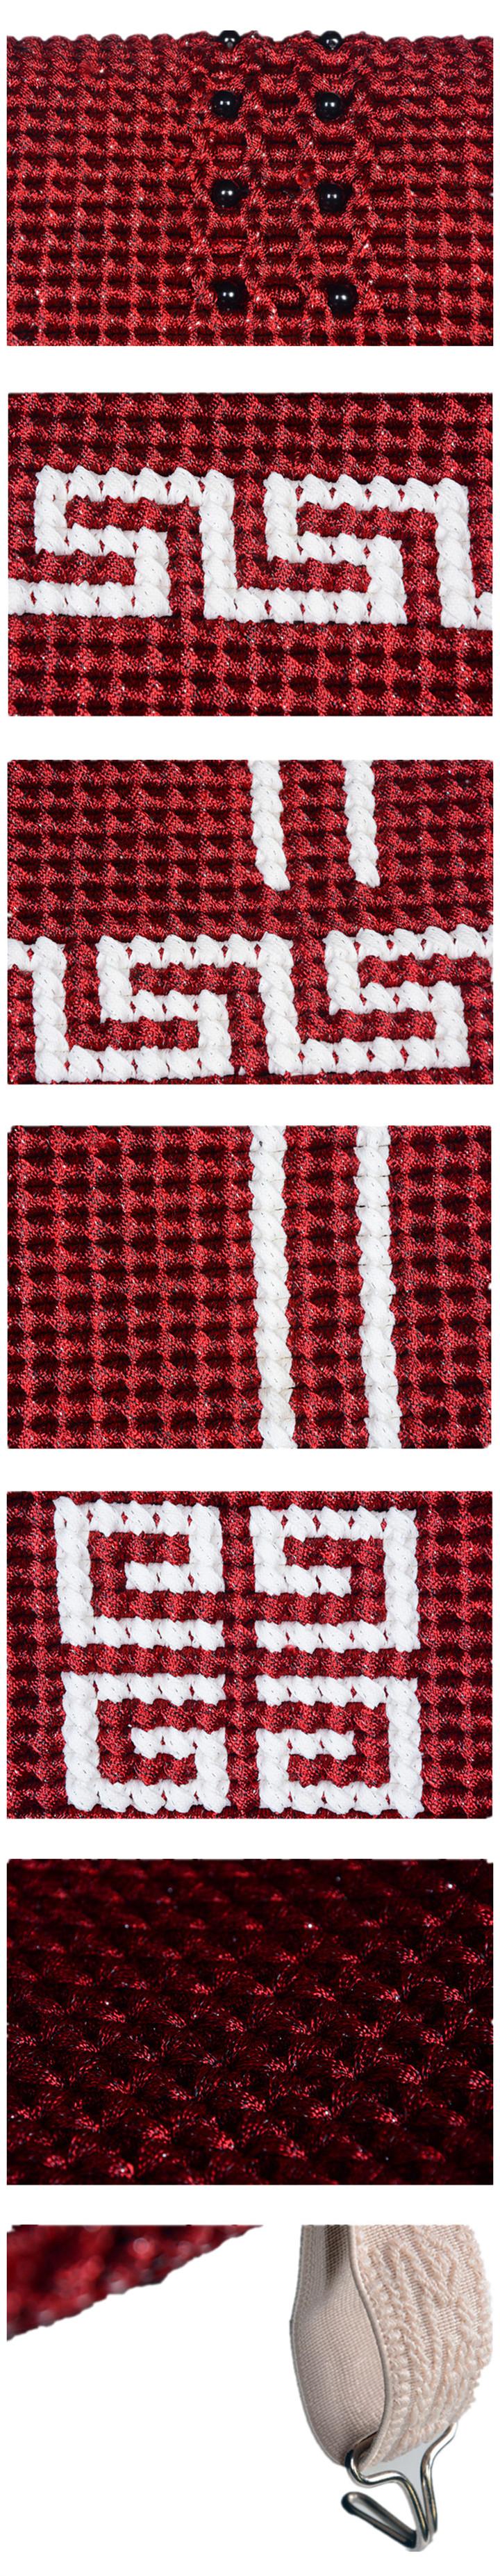 B3.jpg